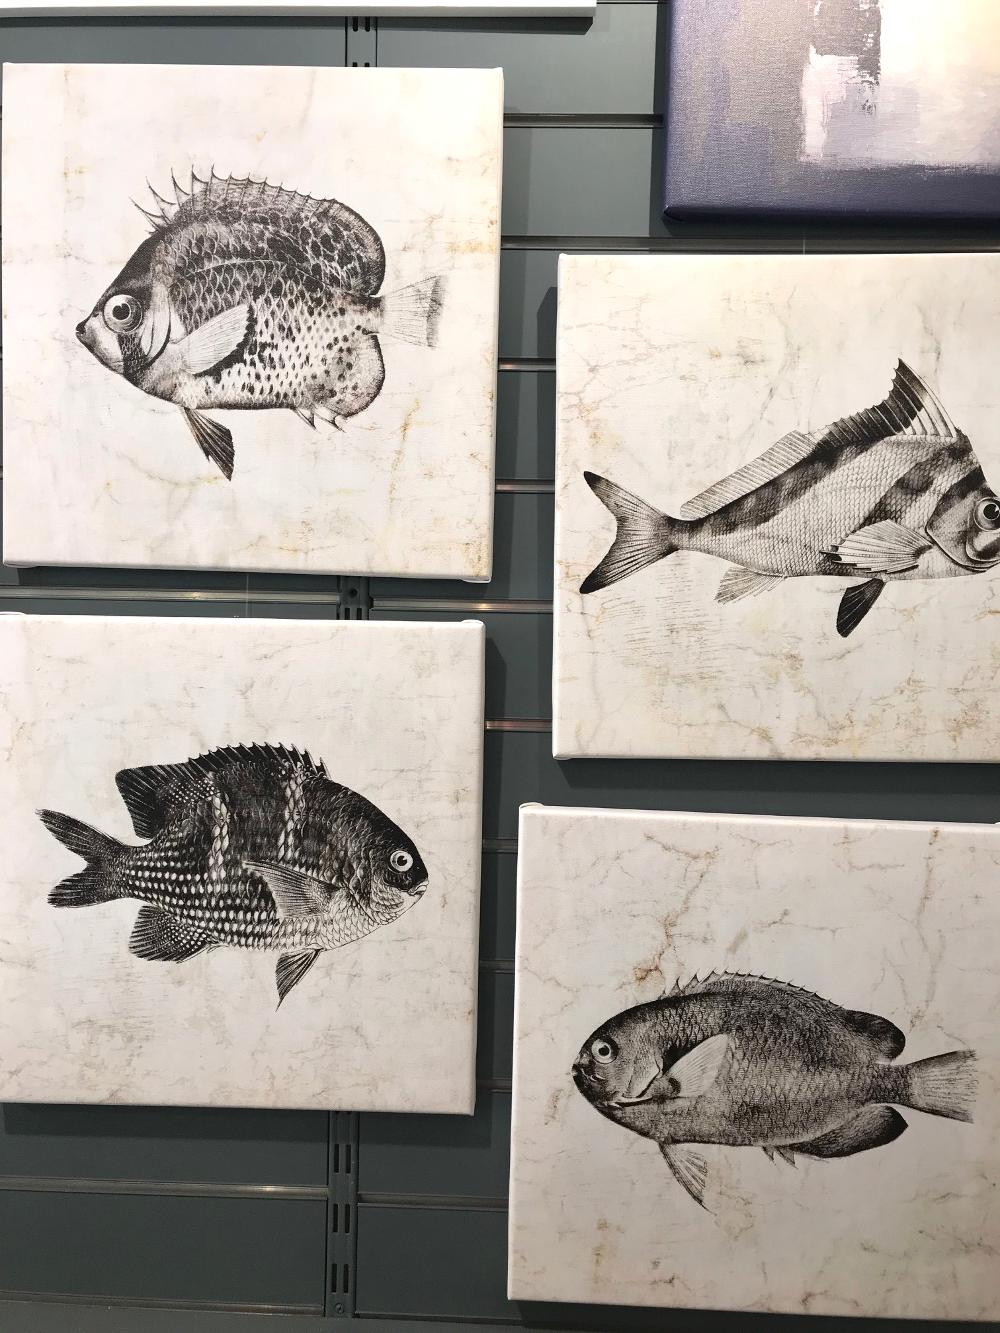 « Vintage Fishes », de Christine ZALEWSKI Reproduction sur toile tendue sur châssis, format 40 x 40 cm Prix de la toile : 79€ Prix des quatre toiles ensemble : 300€